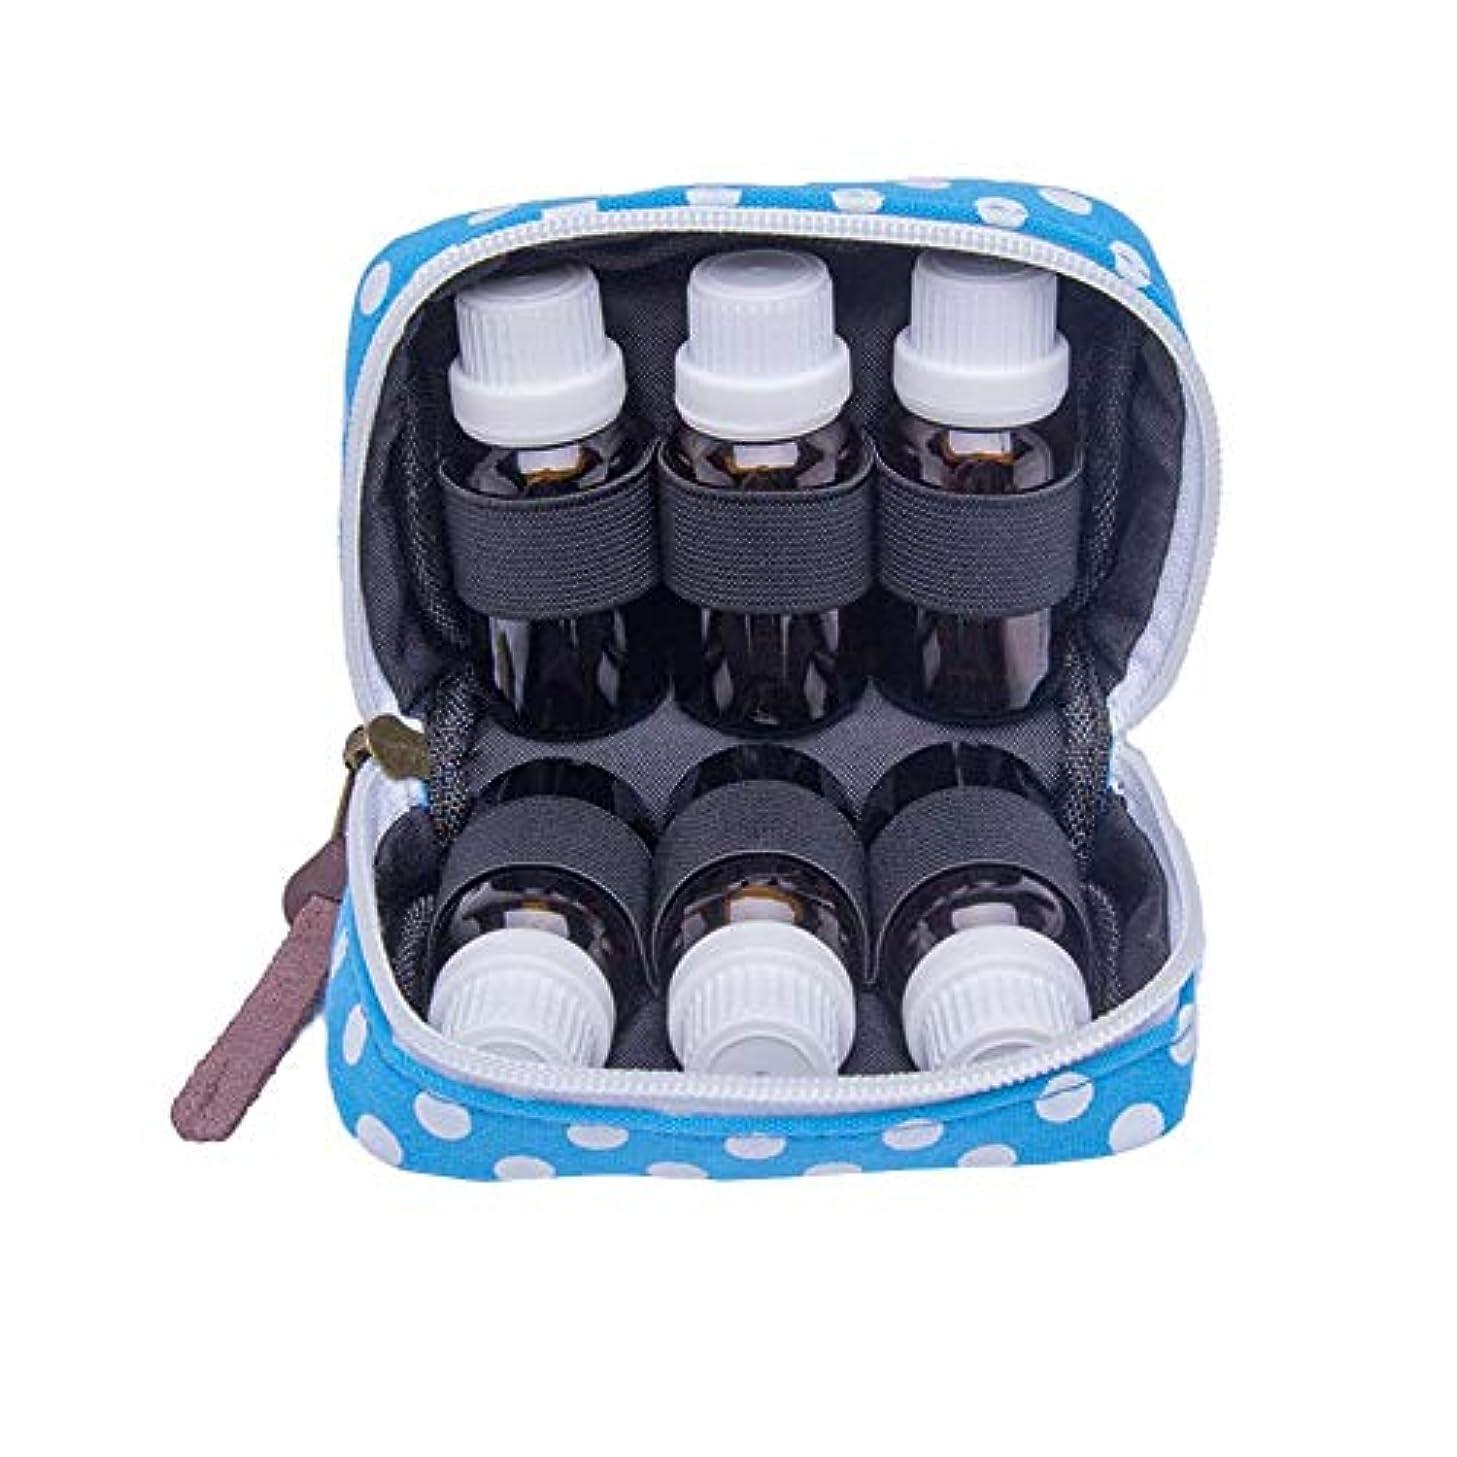 誤ってゆでる誰でもPursue エッセンシャルオイル収納ケース アロマオイル収納ボックス アロマポーチ収納ケース 耐震 携帯便利 香水収納ポーチ 化粧ポーチ 6本用